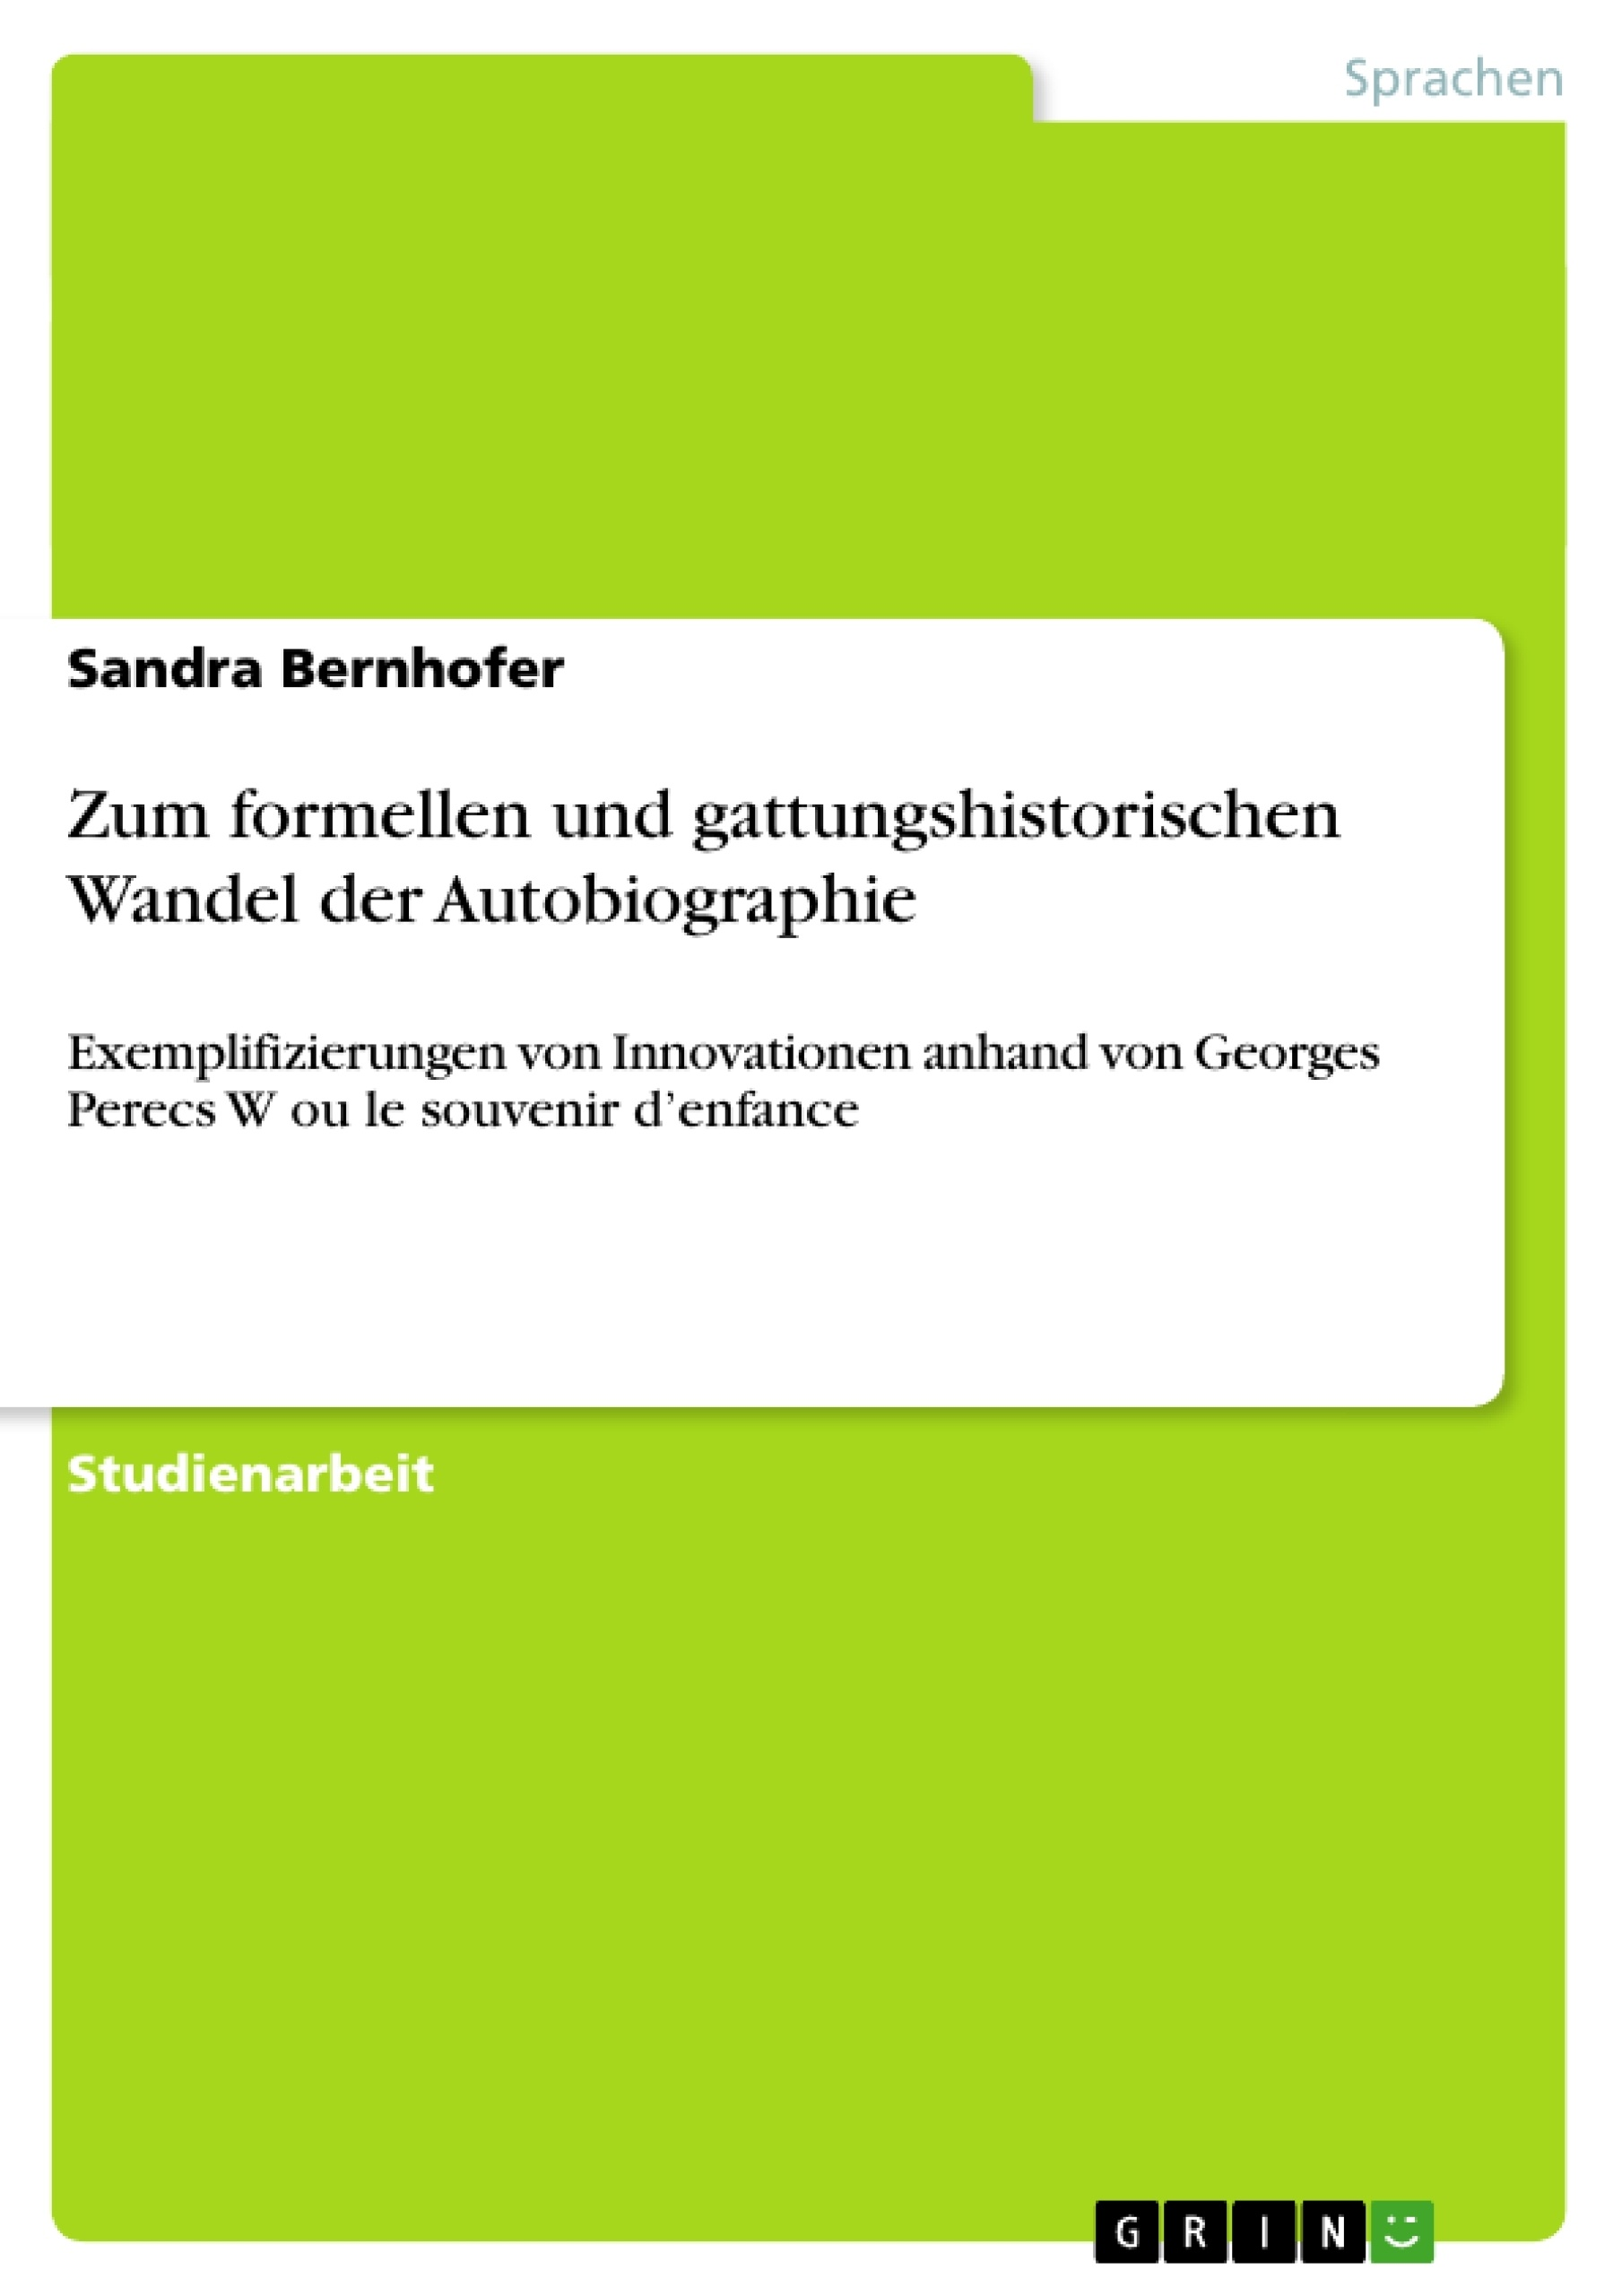 Titel: Zum formellen und gattungshistorischen Wandel der Autobiographie